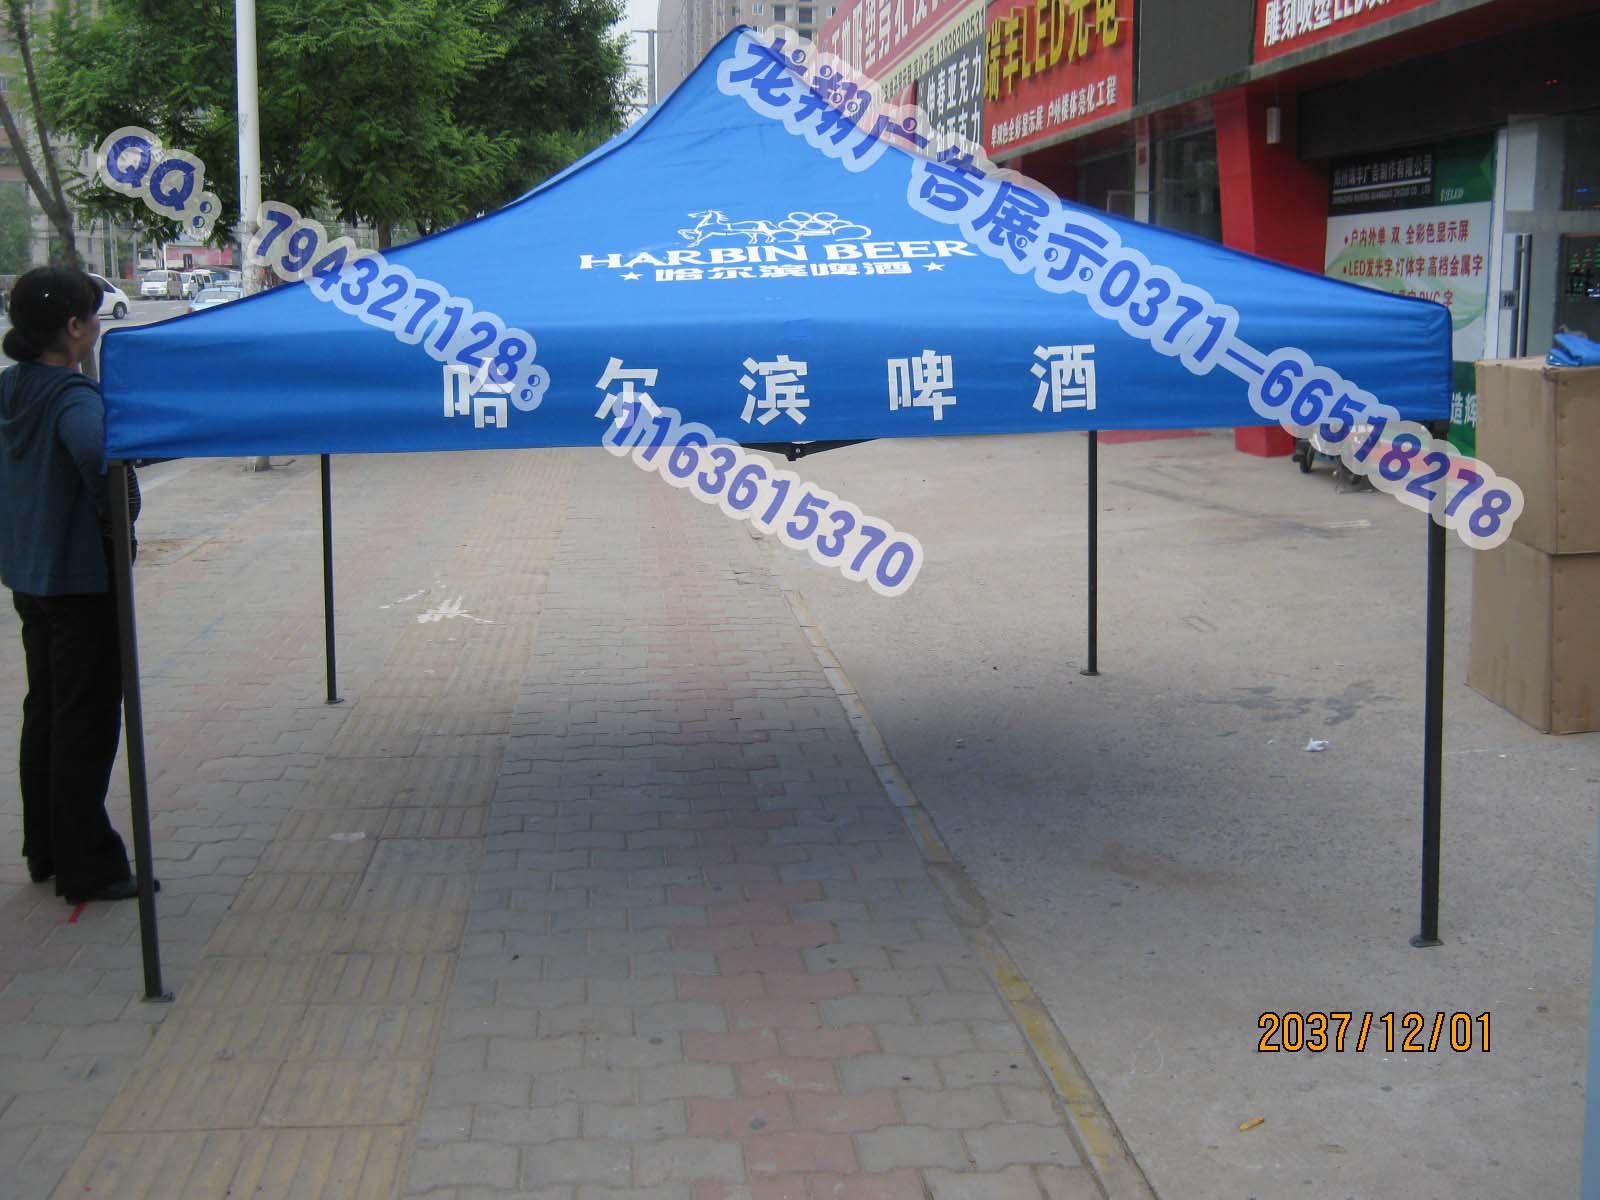 户外广告帐篷伞印字伸缩遮阳棚四角摆摊雨棚折叠定做展销活动